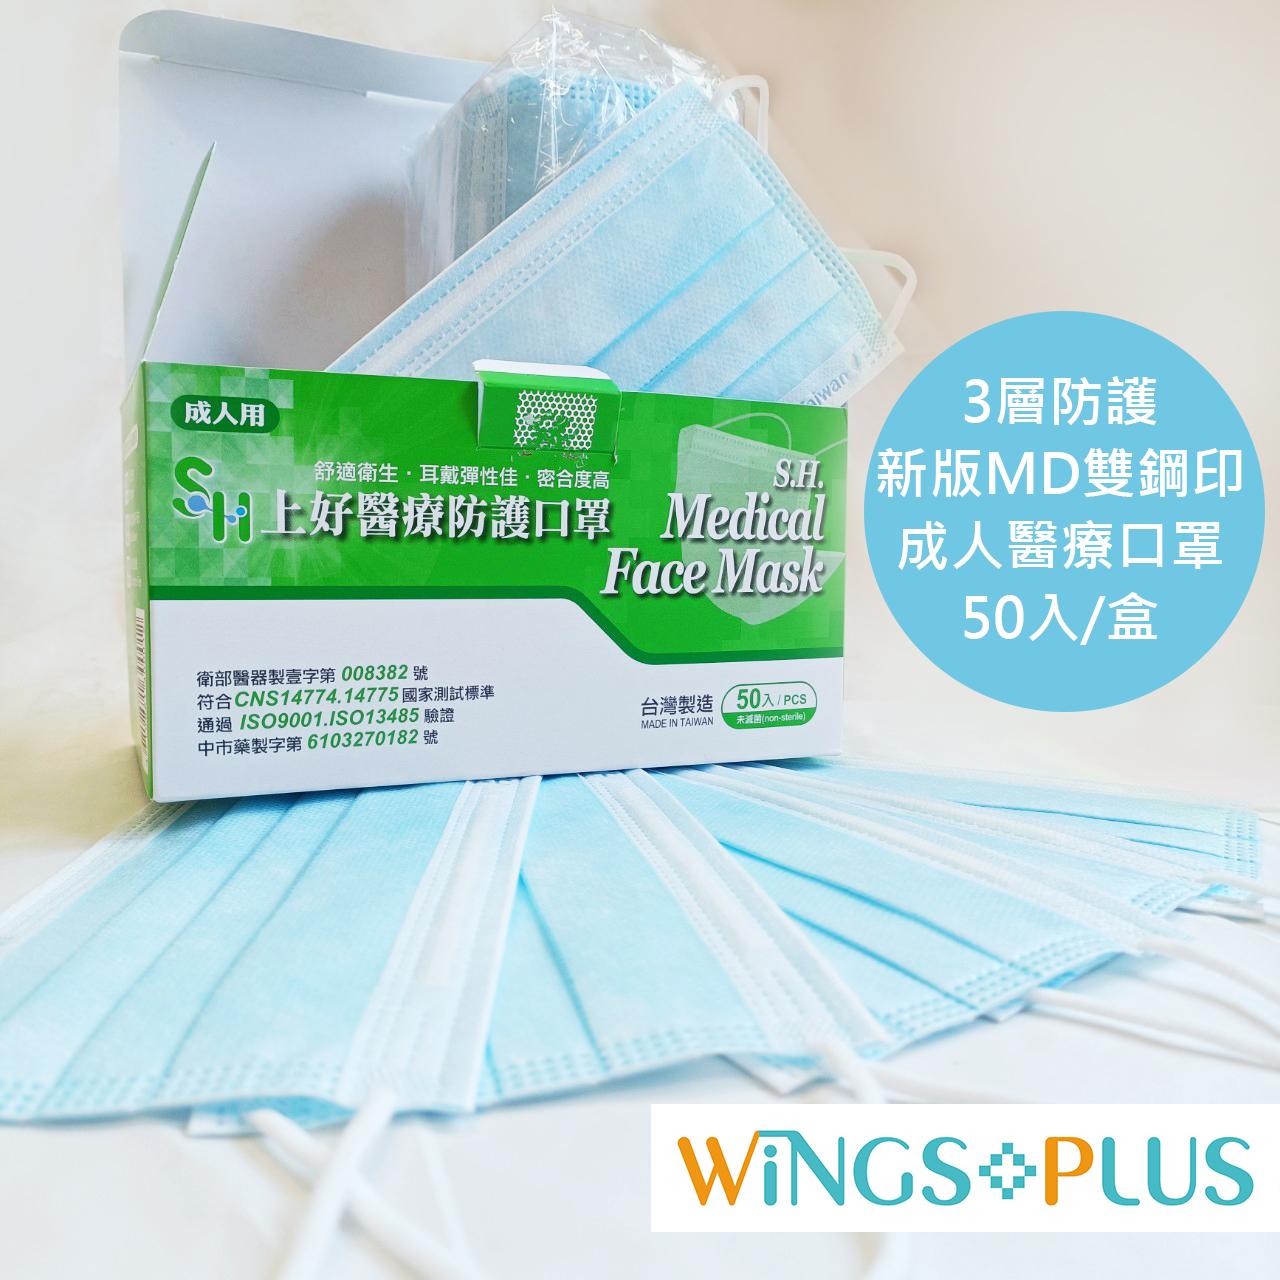 上好口罩現貨 成人醫療口罩 天空藍 50入/盒 現貨 (台灣製 新版MD雙鋼印)